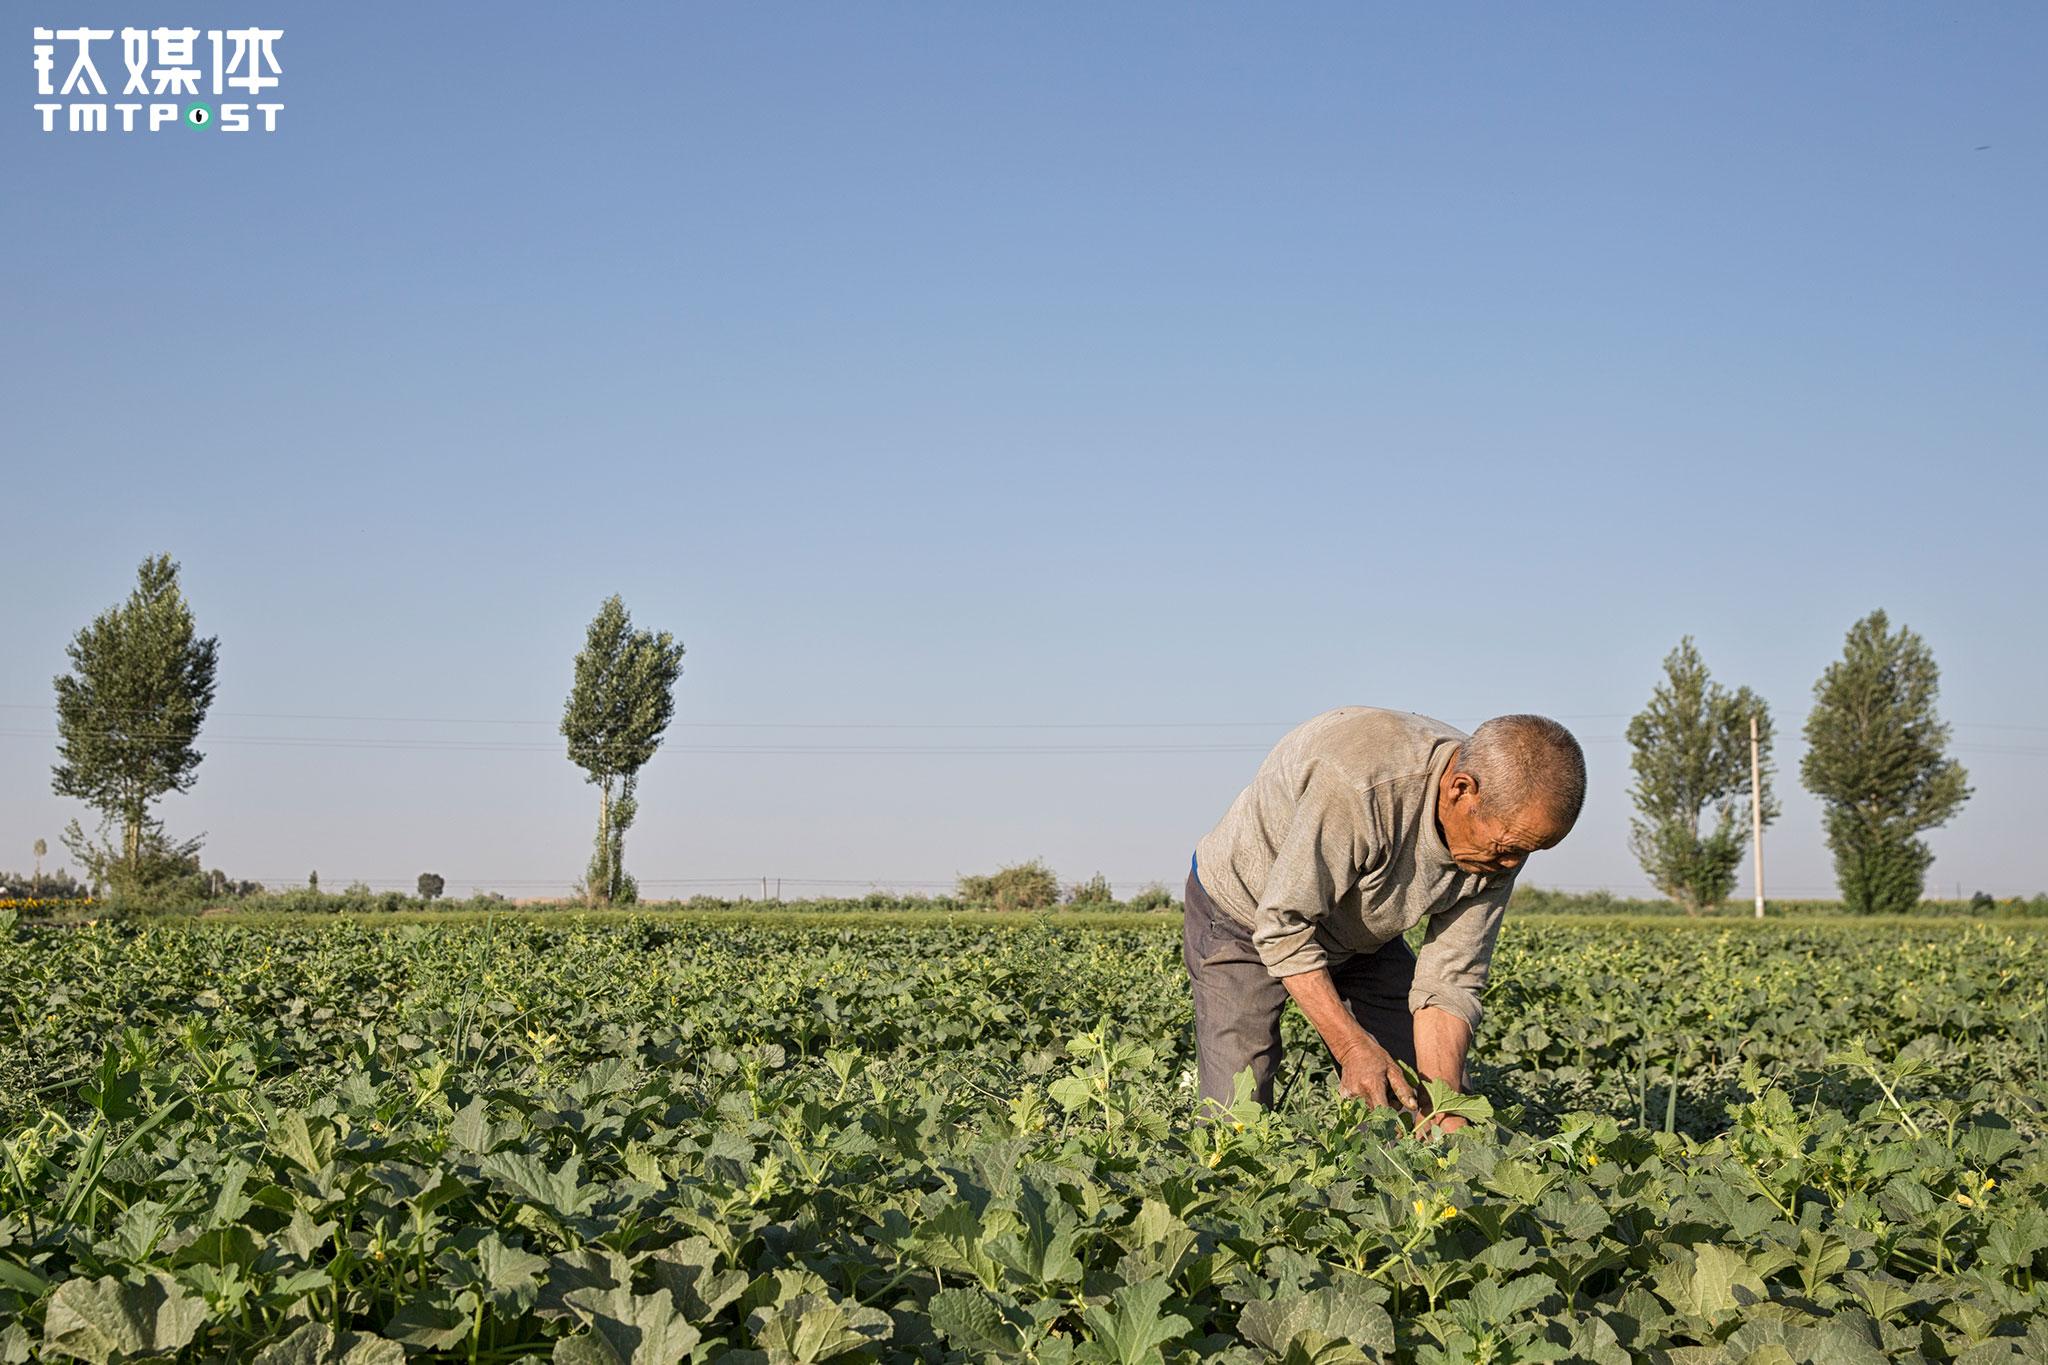 """12亩地有8亩瓜地,其他4亩是葵花、茴香和玉米,不闹自然灾害的情况下,这12亩地每年收入8000多元,这也是李红善维持这个家唯一的收入来源。由于比别人迟收,李红善家的瓜赶不上瓜价最好的时间上市:""""最开始瓜少可以卖个一块多钱一斤,等我们的瓜拉去卖的时候,只能卖个三毛多一斤了,有时候到最后收瓜的人只收个头大的瓜,小的瓜我们只能自己拉回家了。"""""""